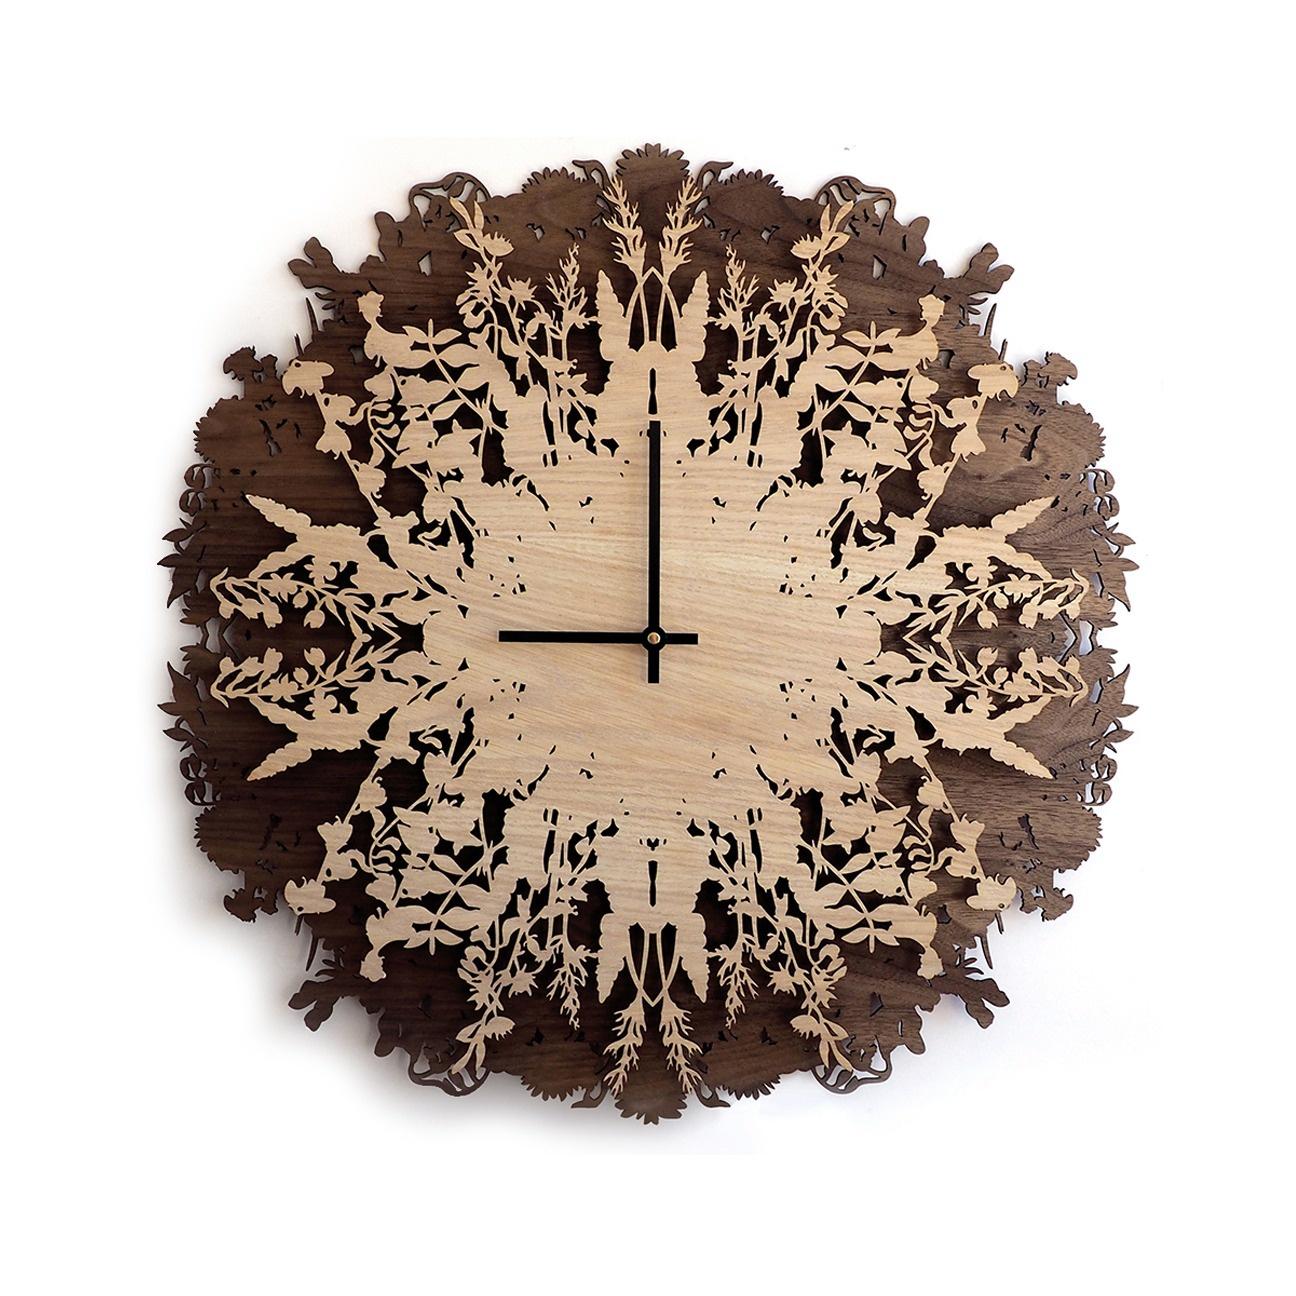 Настенные часы Roomton Ботаника, большие из натурального дерева, шпон ореха и дуба